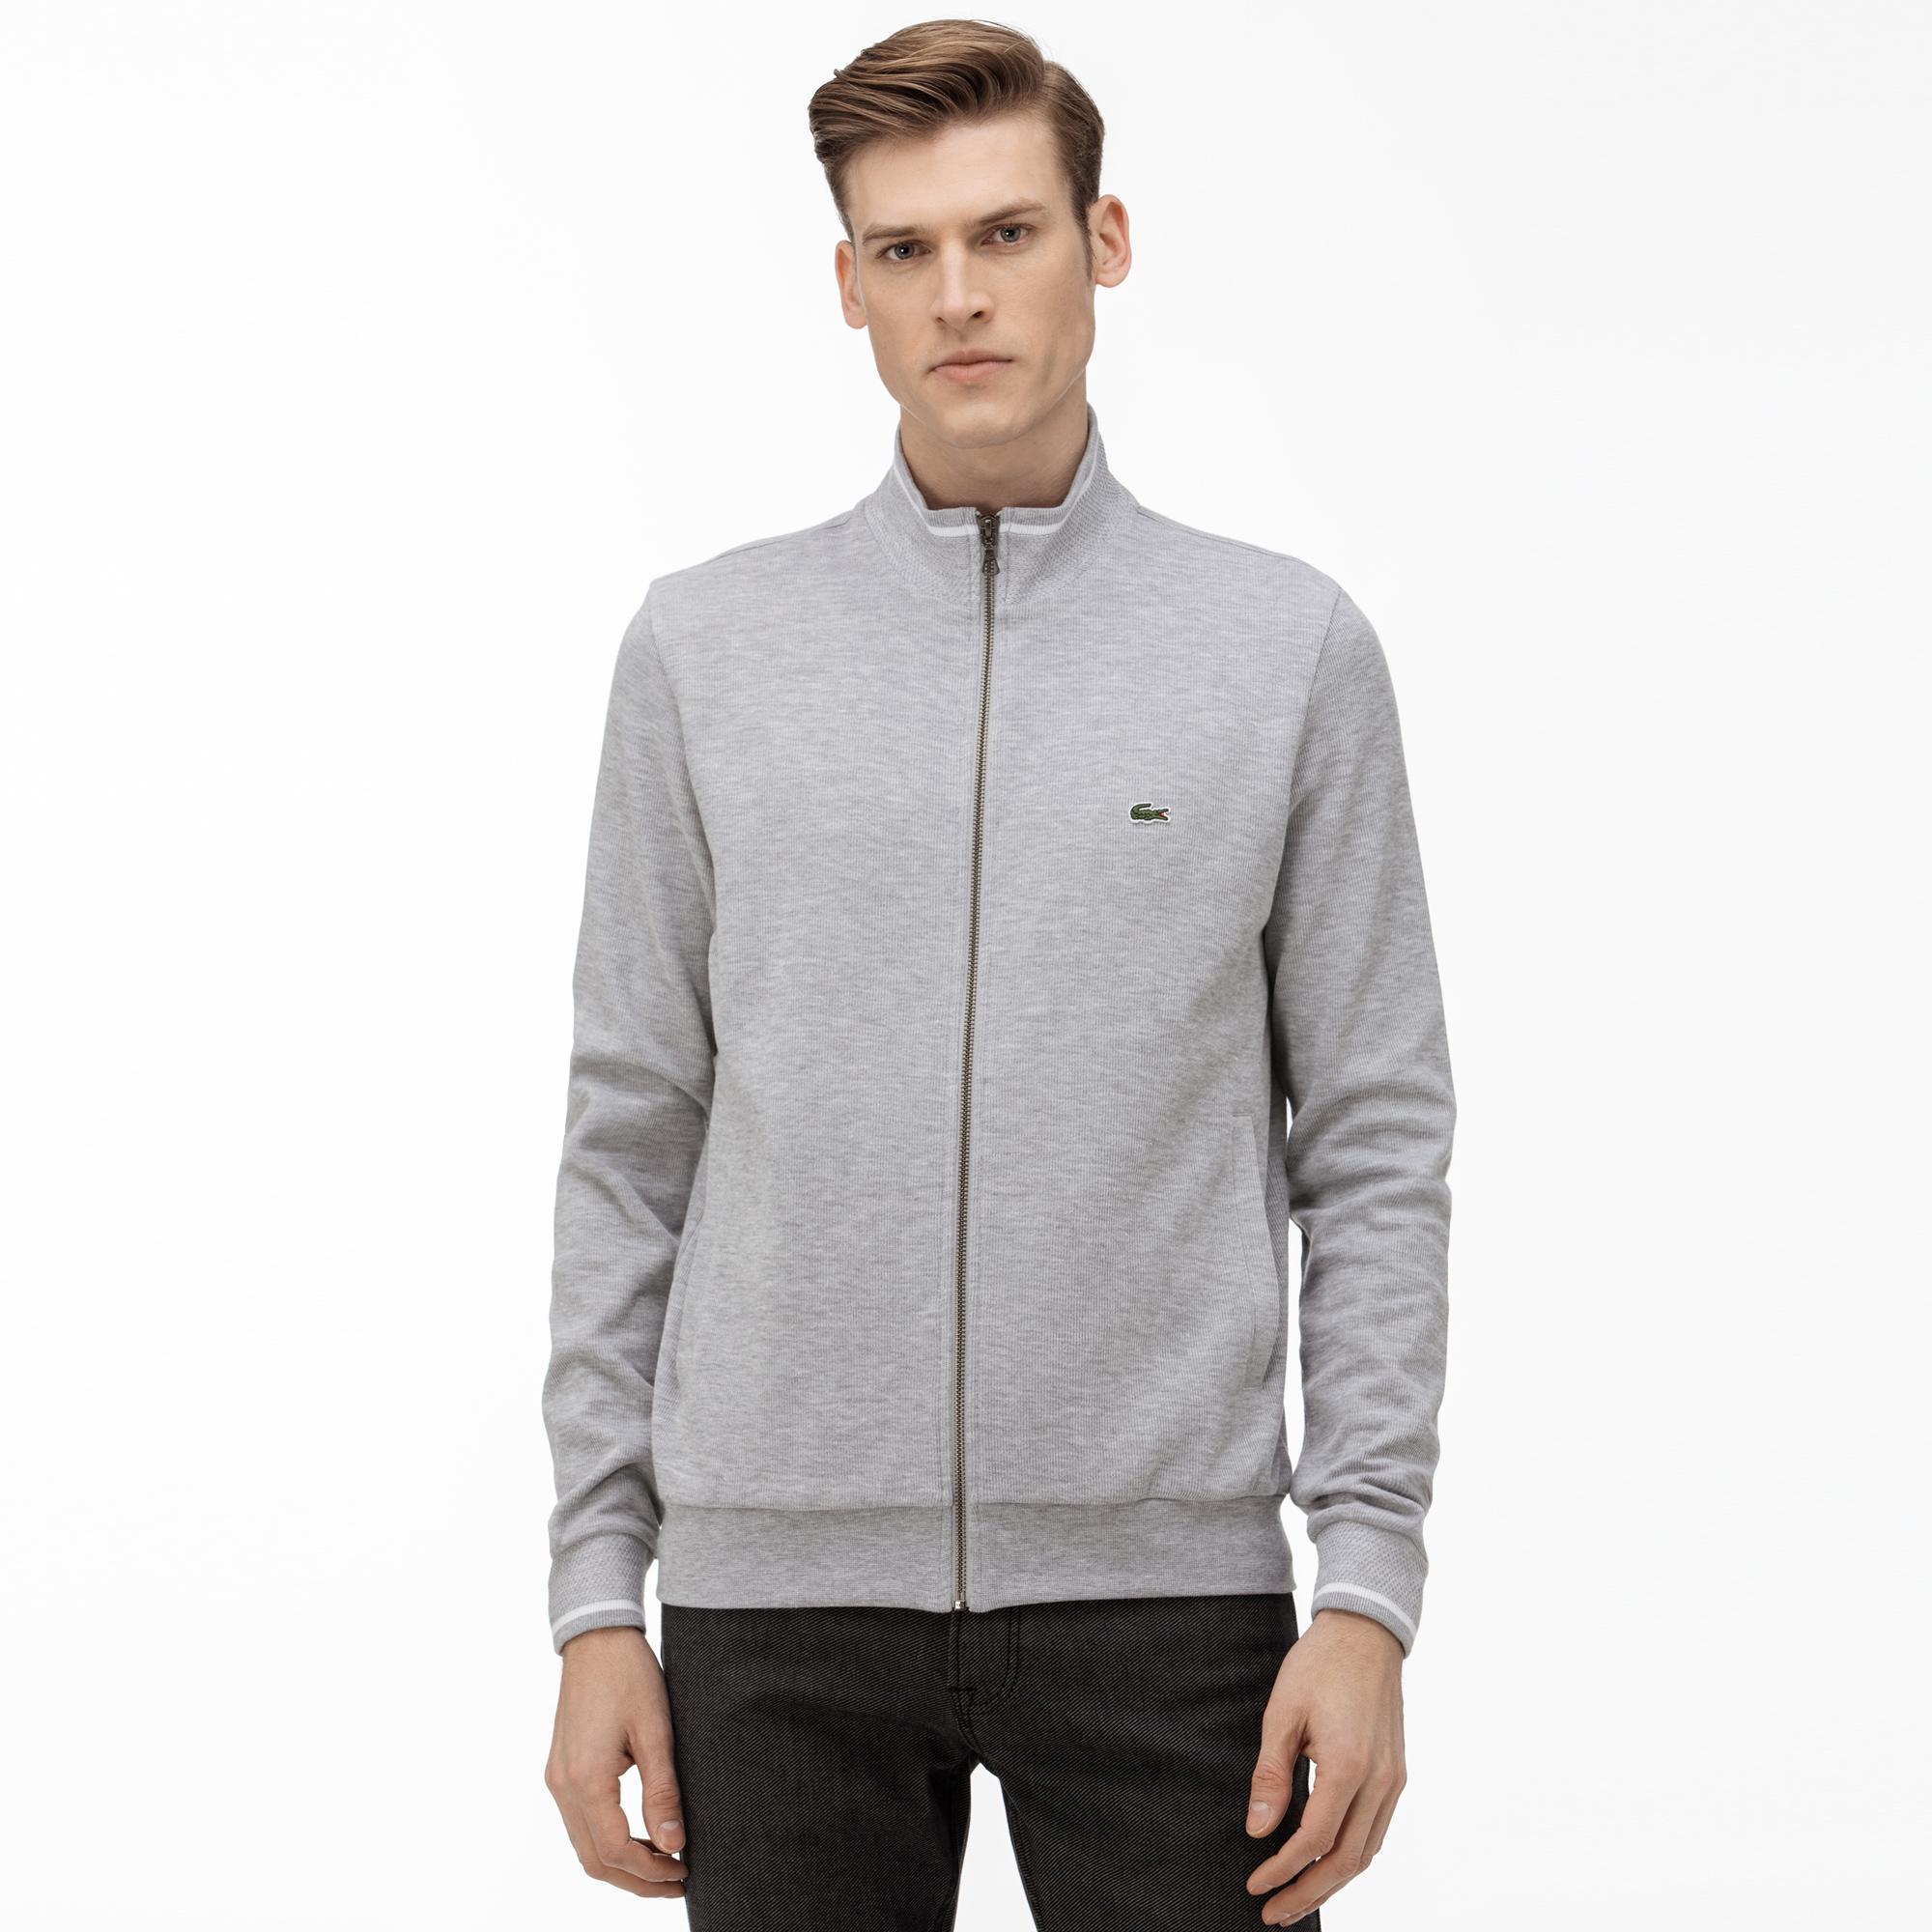 Lacoste Men's Zipped Sweater